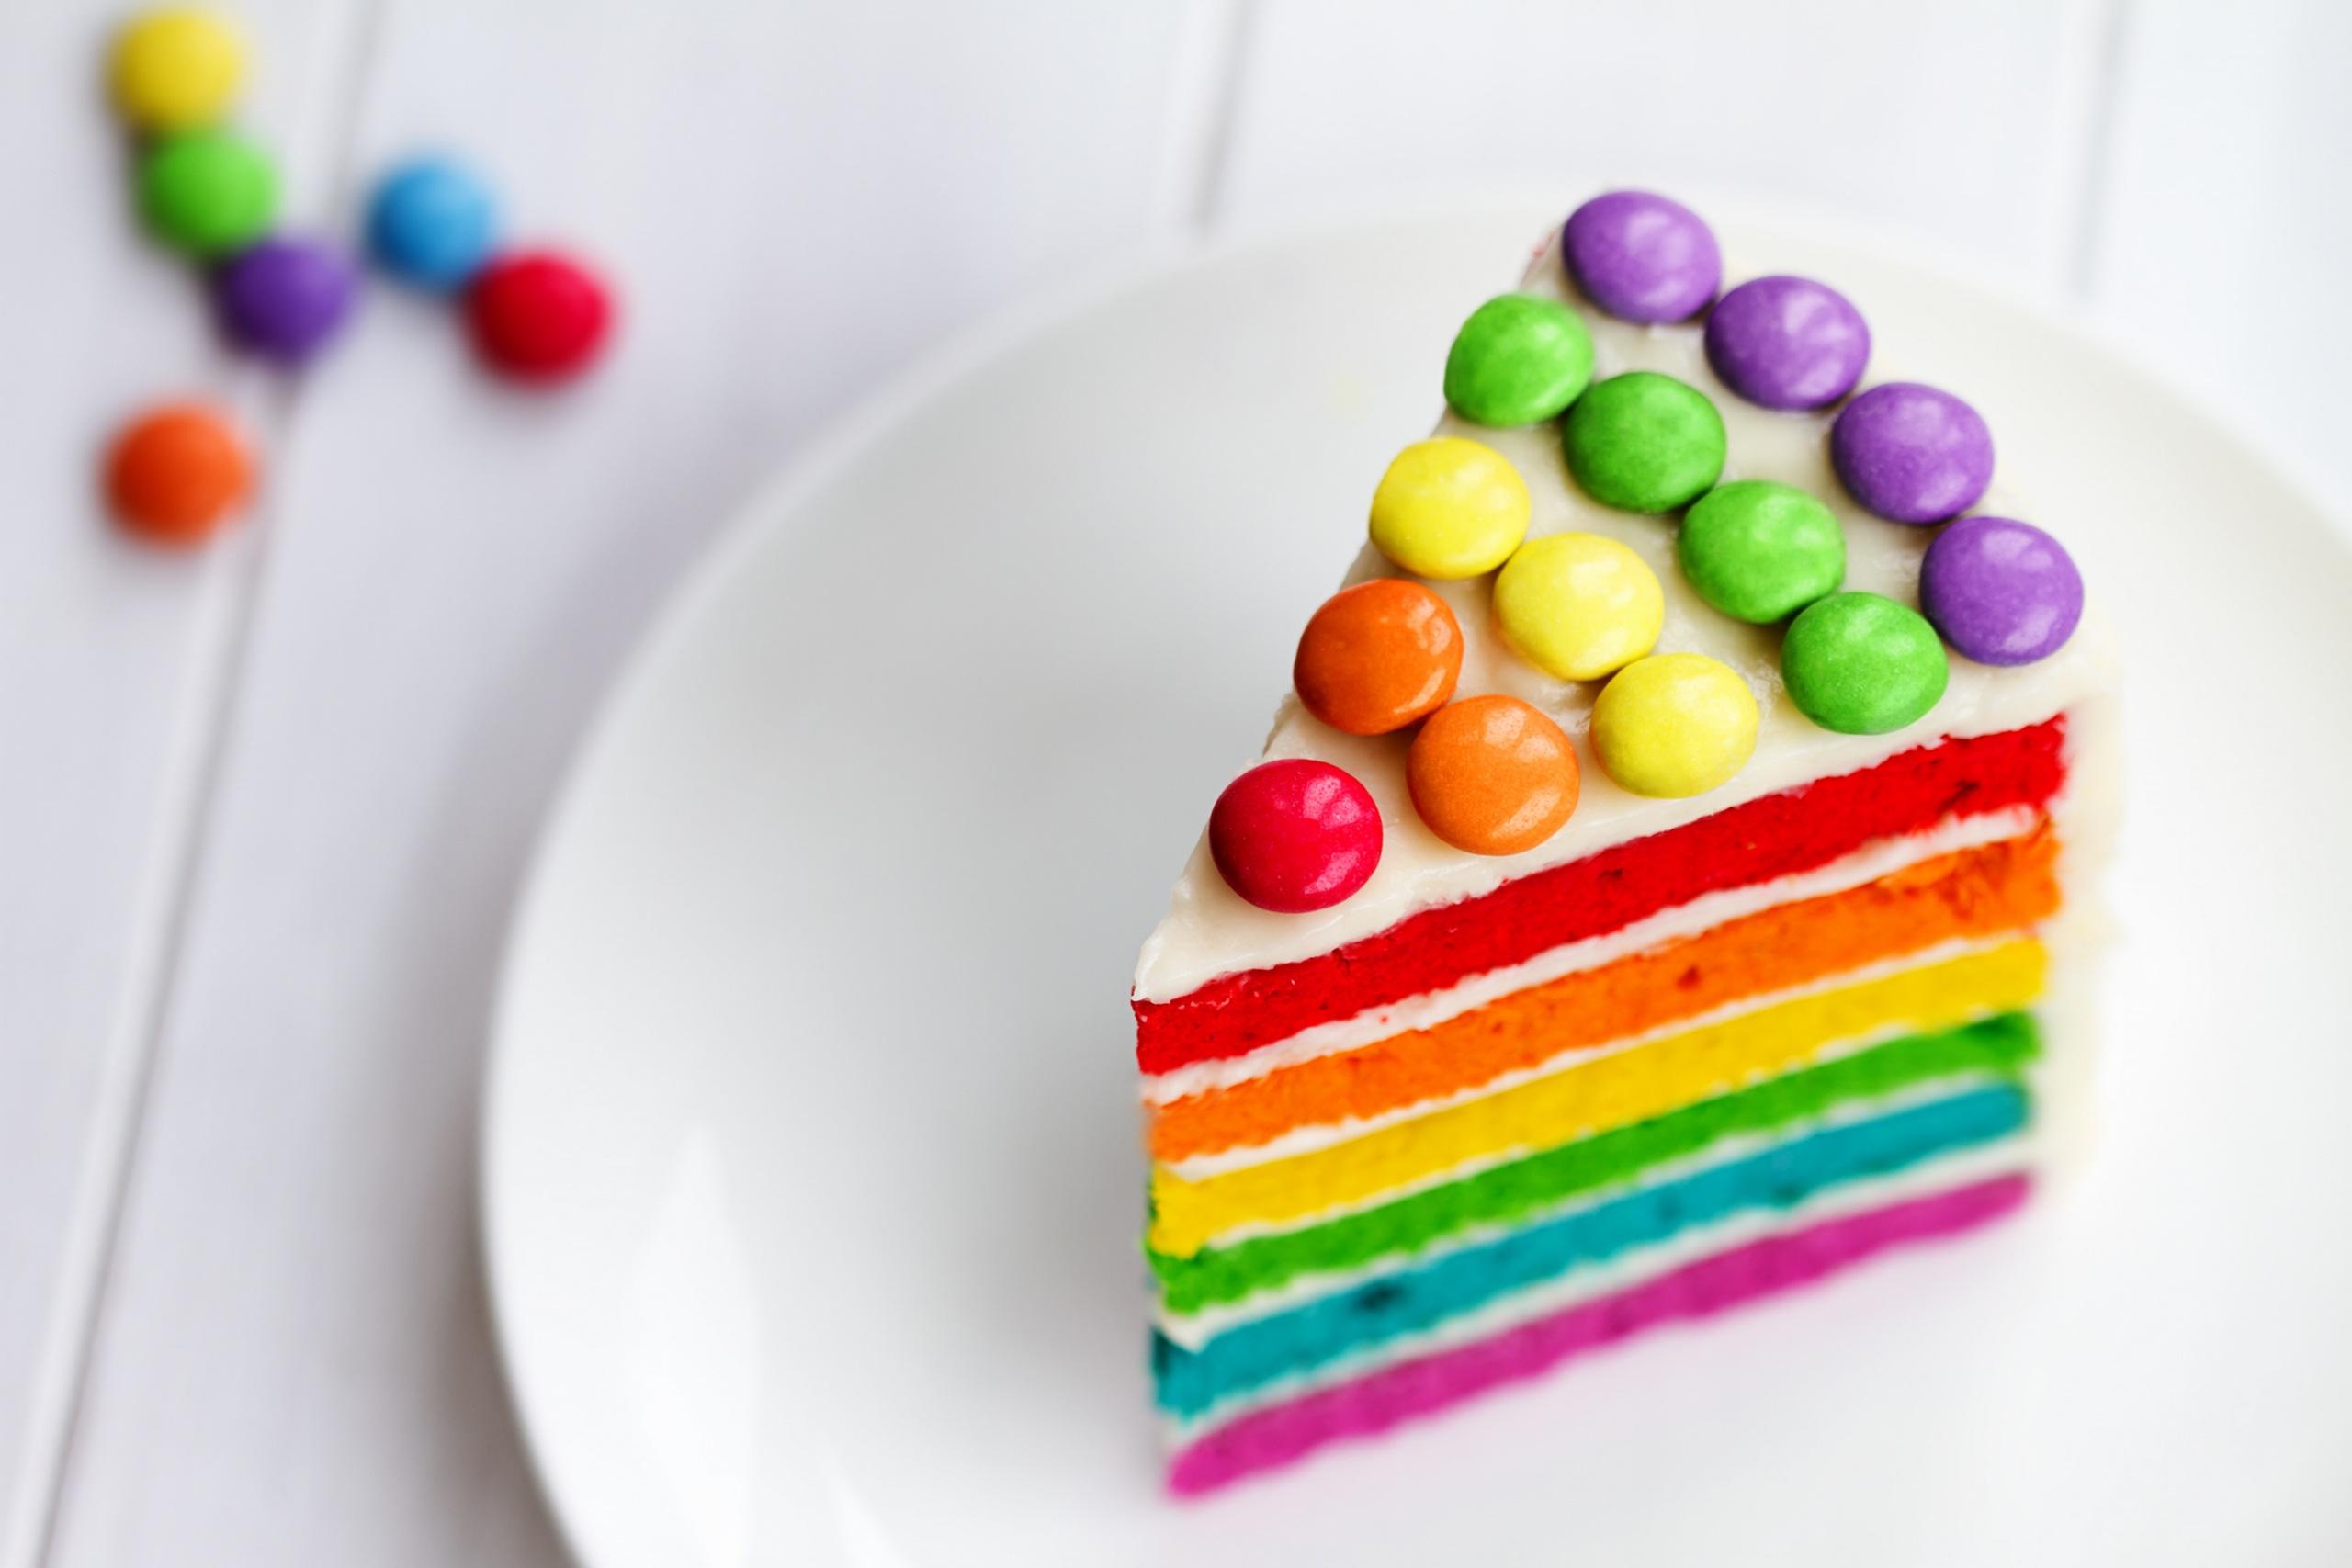 Картинка День рождения Разноцветные Торты часть Продукты питания 2560x1707 Кусок кусочки кусочек Еда Пища